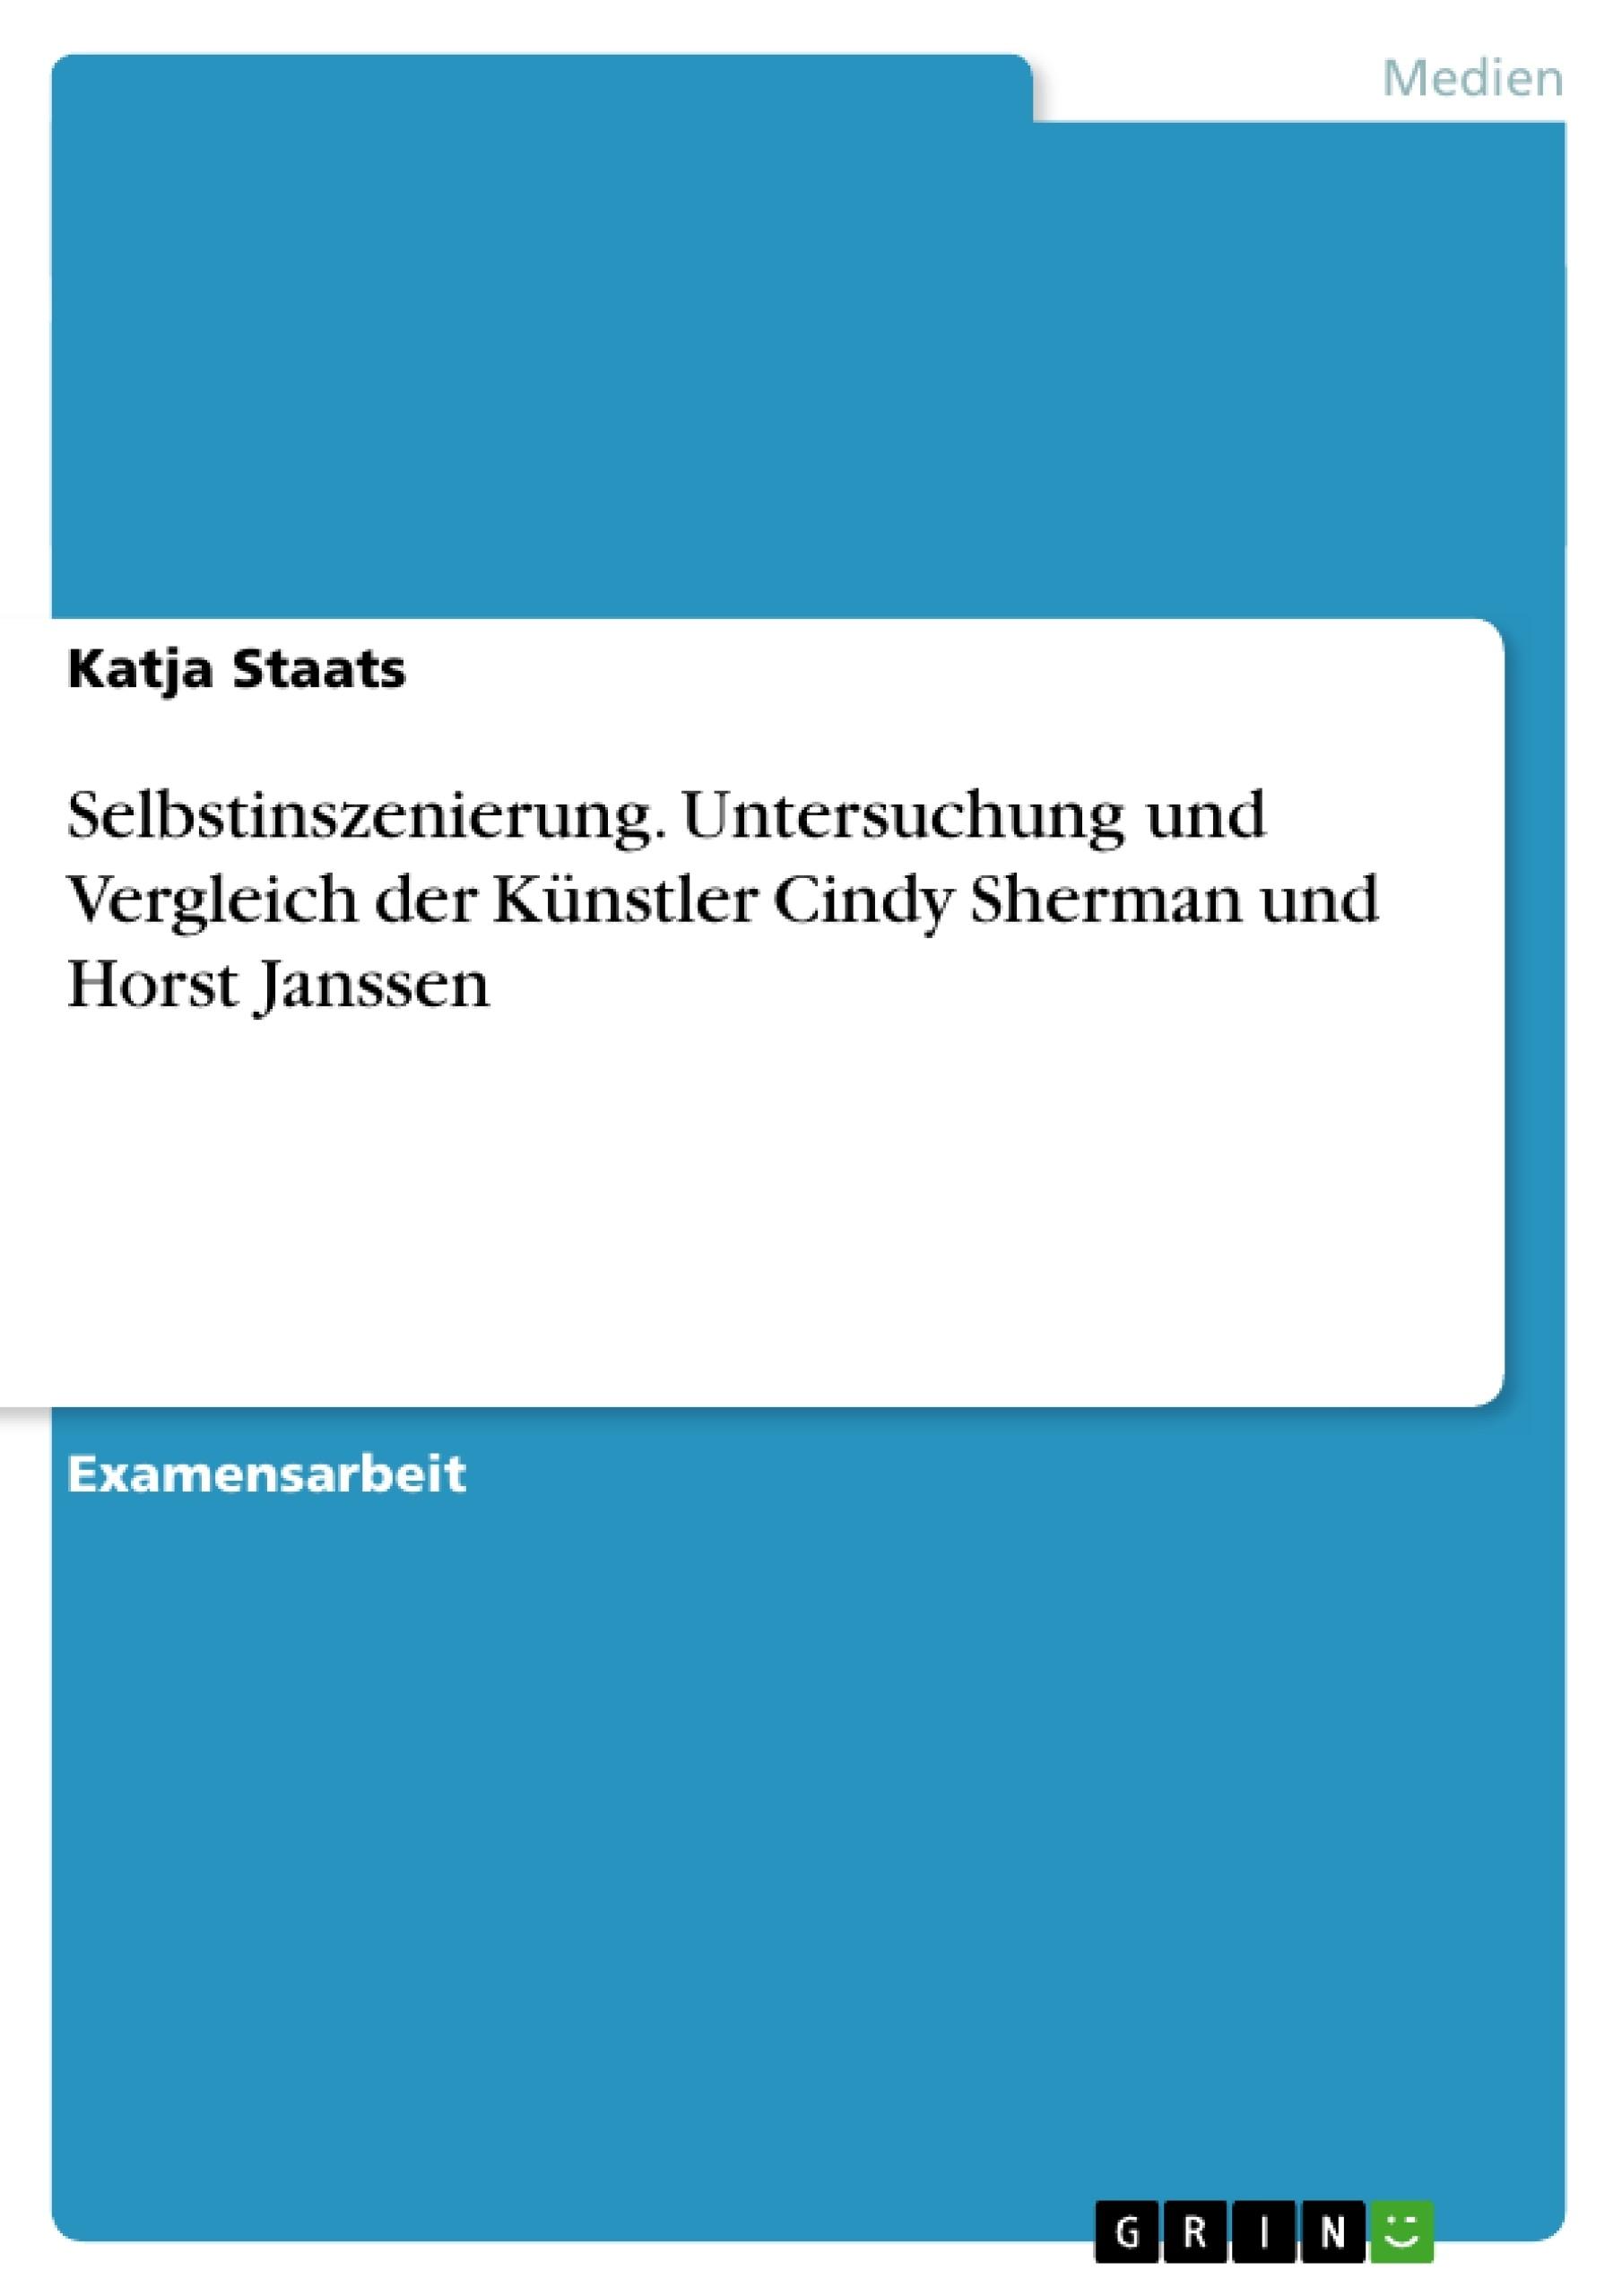 Titel: Selbstinszenierung. Untersuchung und Vergleich der Künstler Cindy Sherman und Horst Janssen